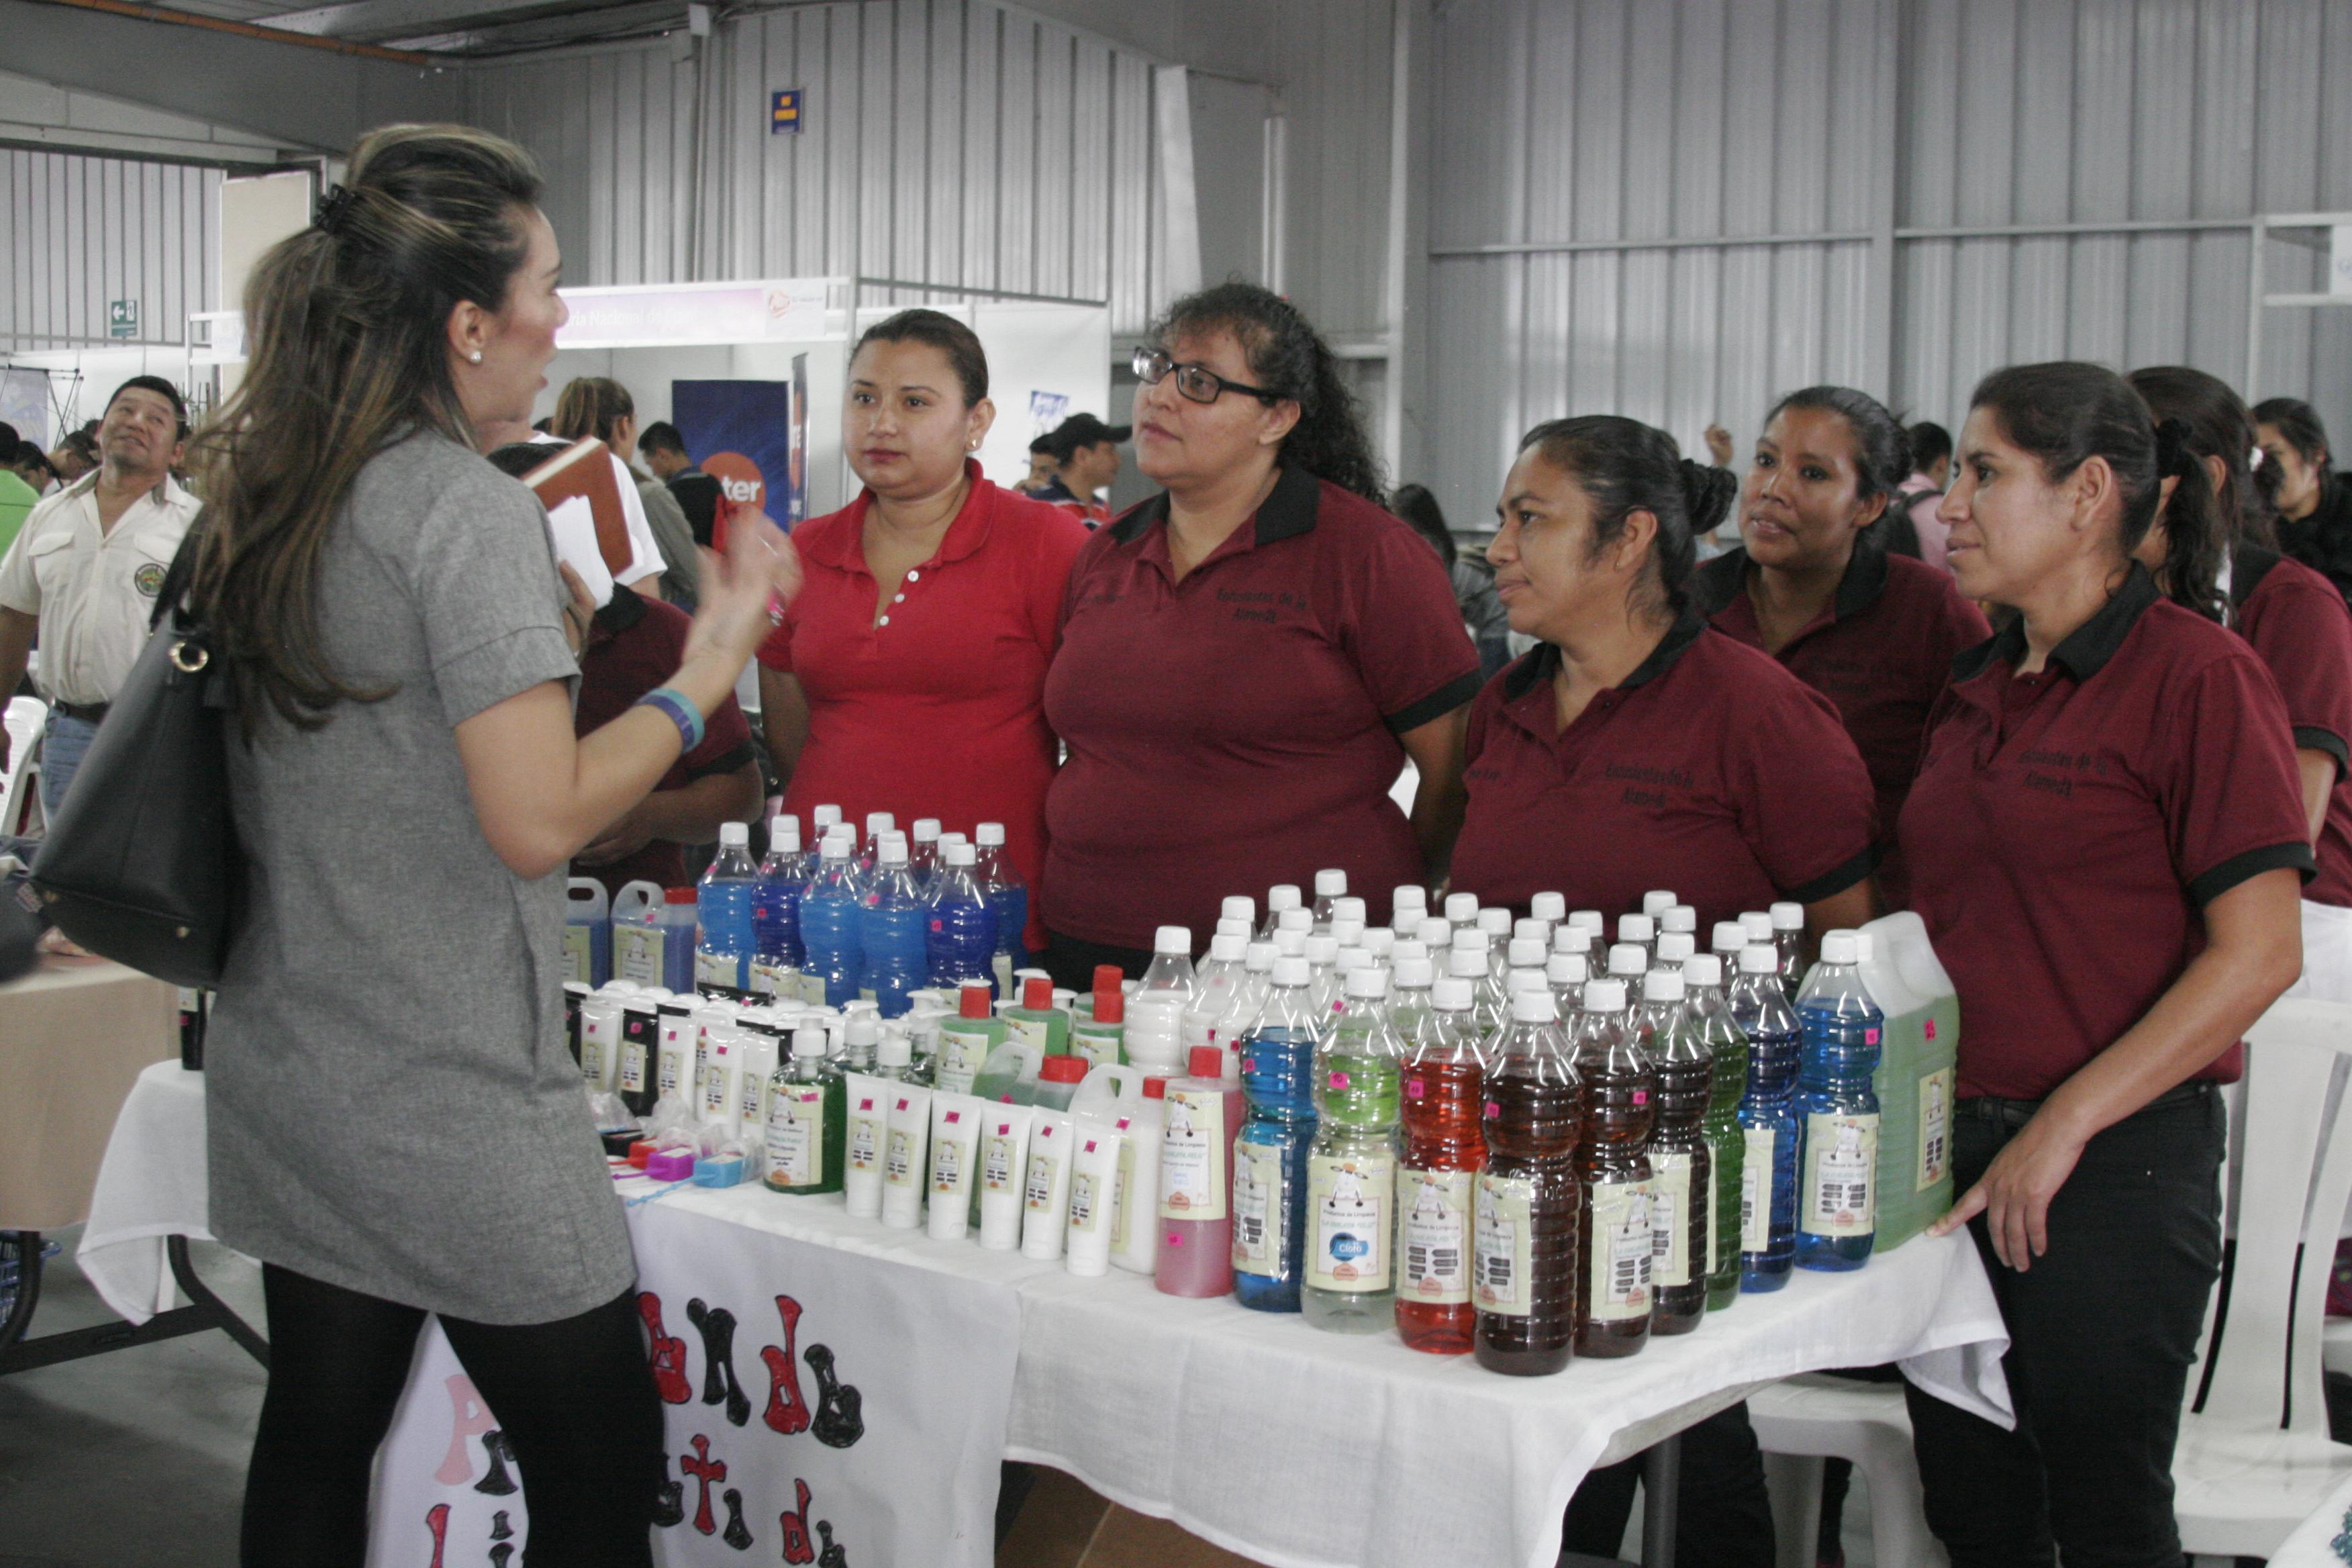 Emprendedores guatemaltecos podrán participar en diferentes eventos en los próximos meses para recibir capacitaciones o bien captar capital. (Foto Prensa Libre: María Reneé Barrientos)